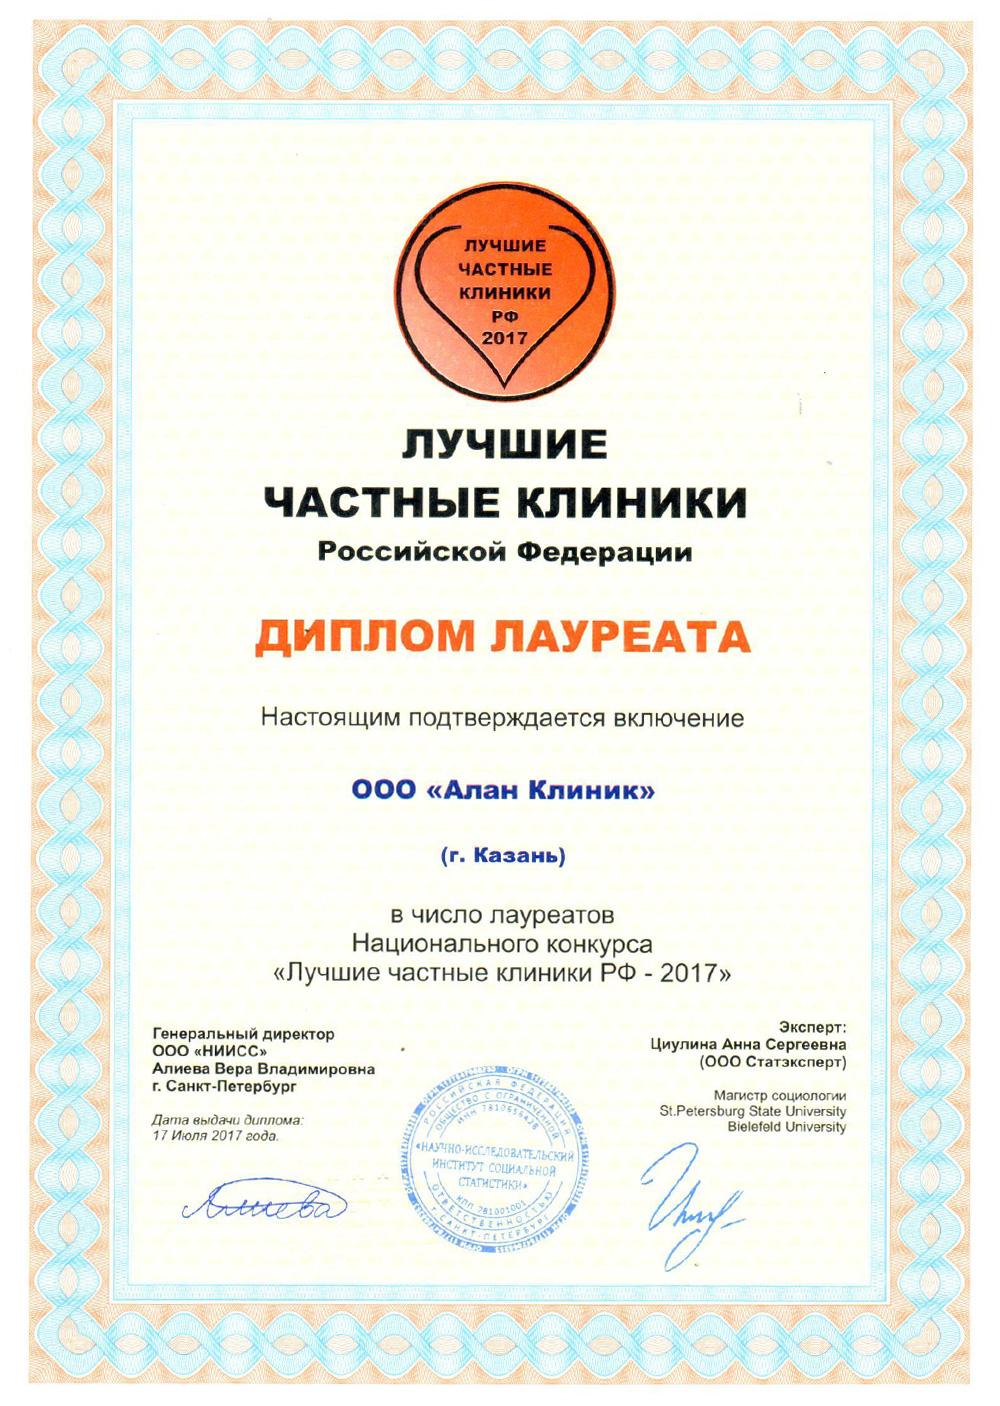 АланКлиник в Казани. Диплом Лучшие частные клиники 2017 года